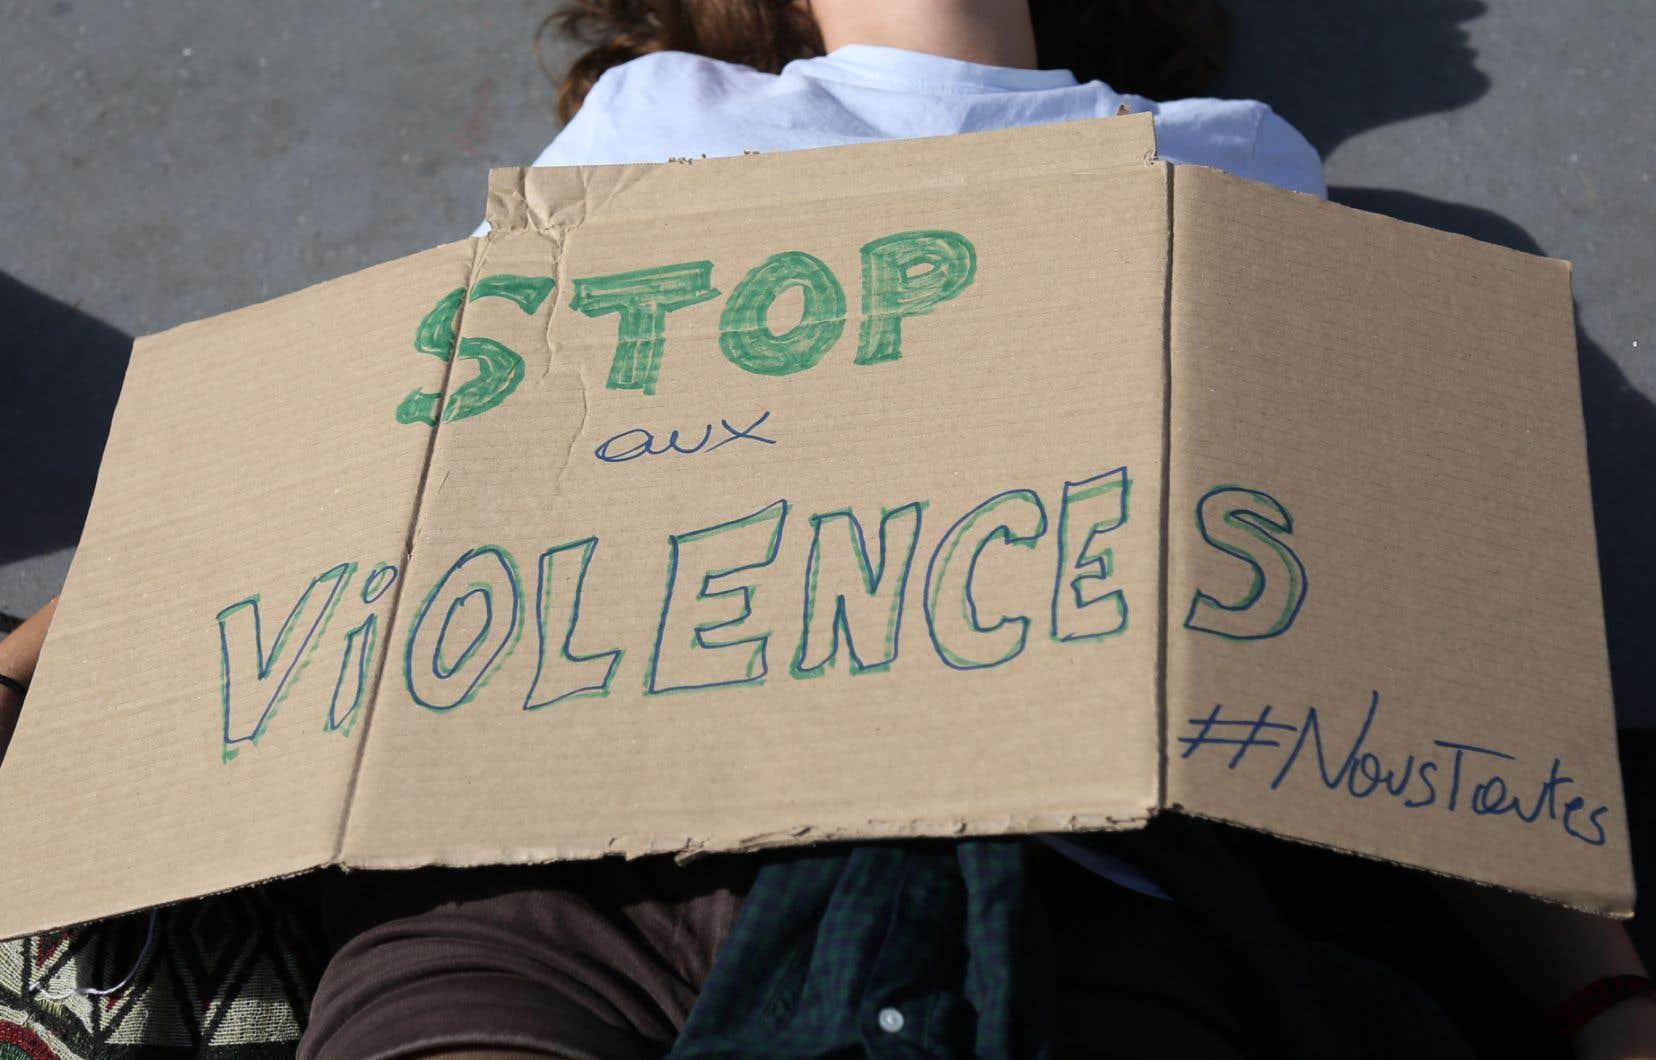 Dans une autre tribune, publiée vendredi par «Le Monde», une centaine de syndicalistes, femmes et hommes, indiquent qu'ils participeront à la mobilisation de samedi contre les violences faites aux femmes.